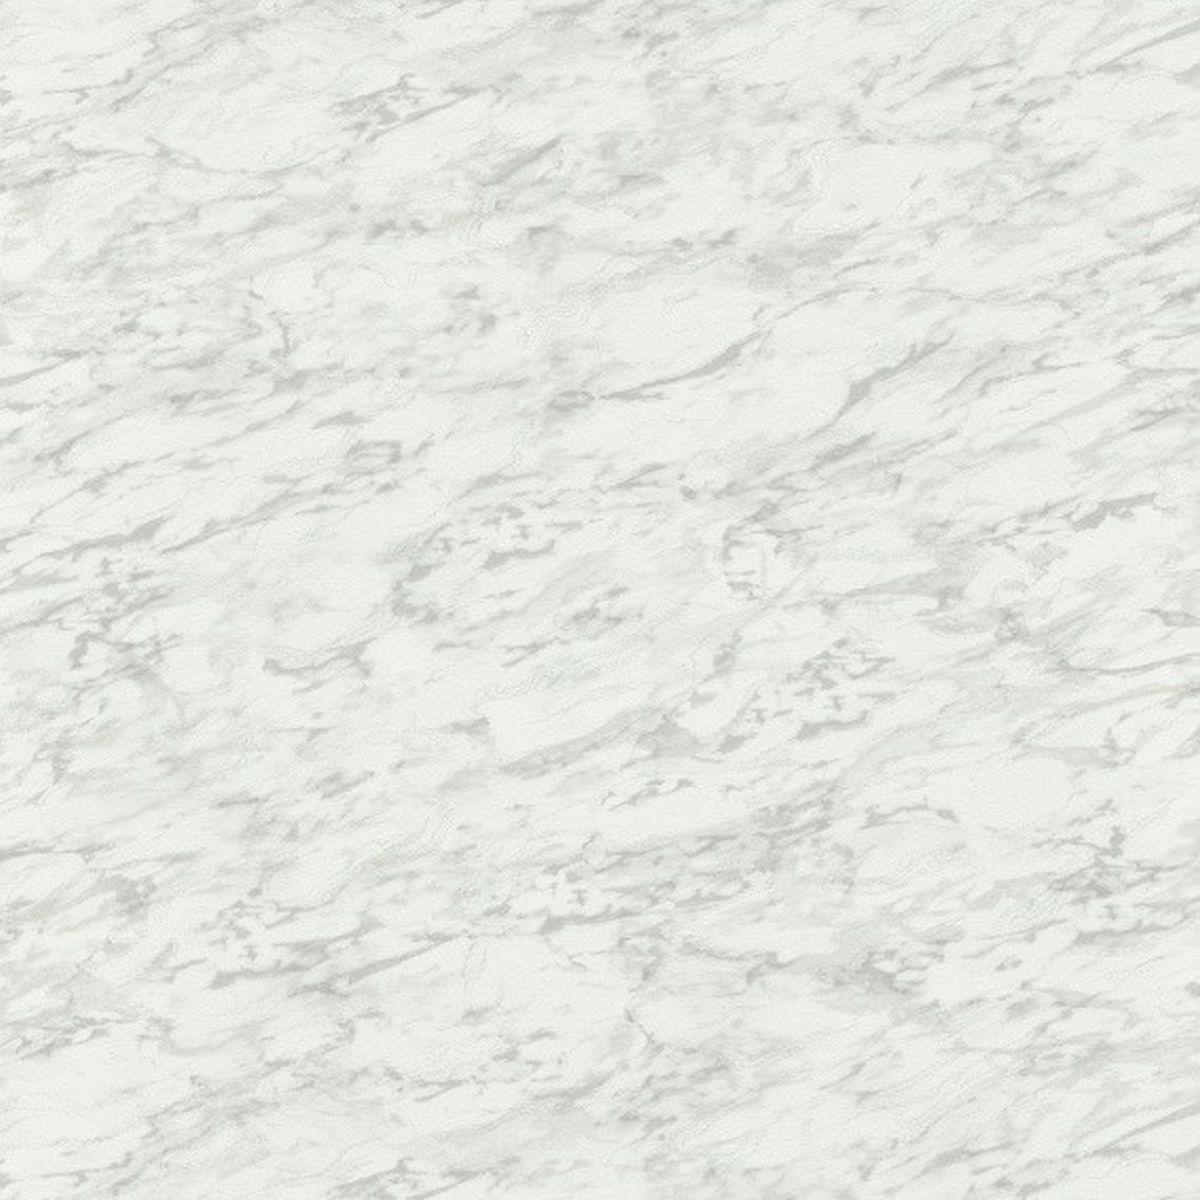 Erismann Vlies Tapete Kollektion Instawalls 639210 Stein & Betonoptik günstig online kaufen